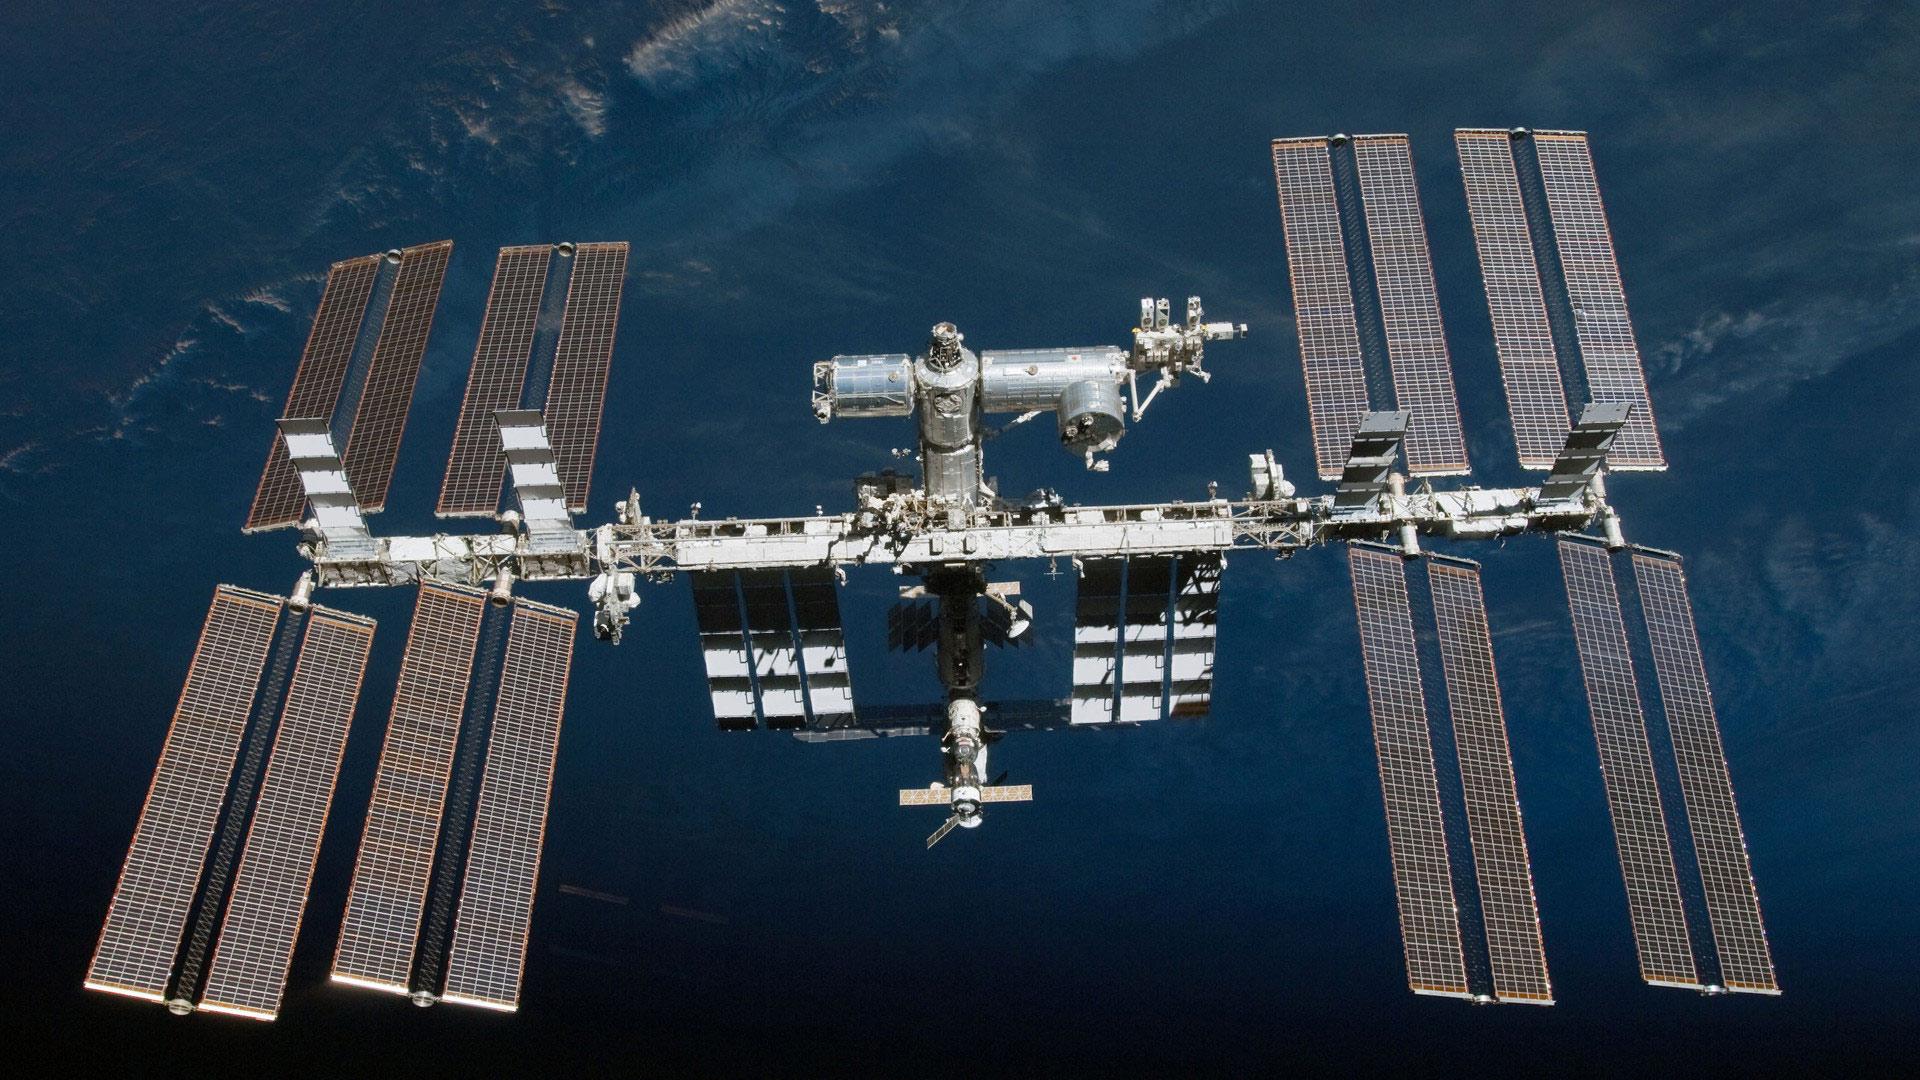 Инженерный фестиваль и космонавты МКС в прямом эфире